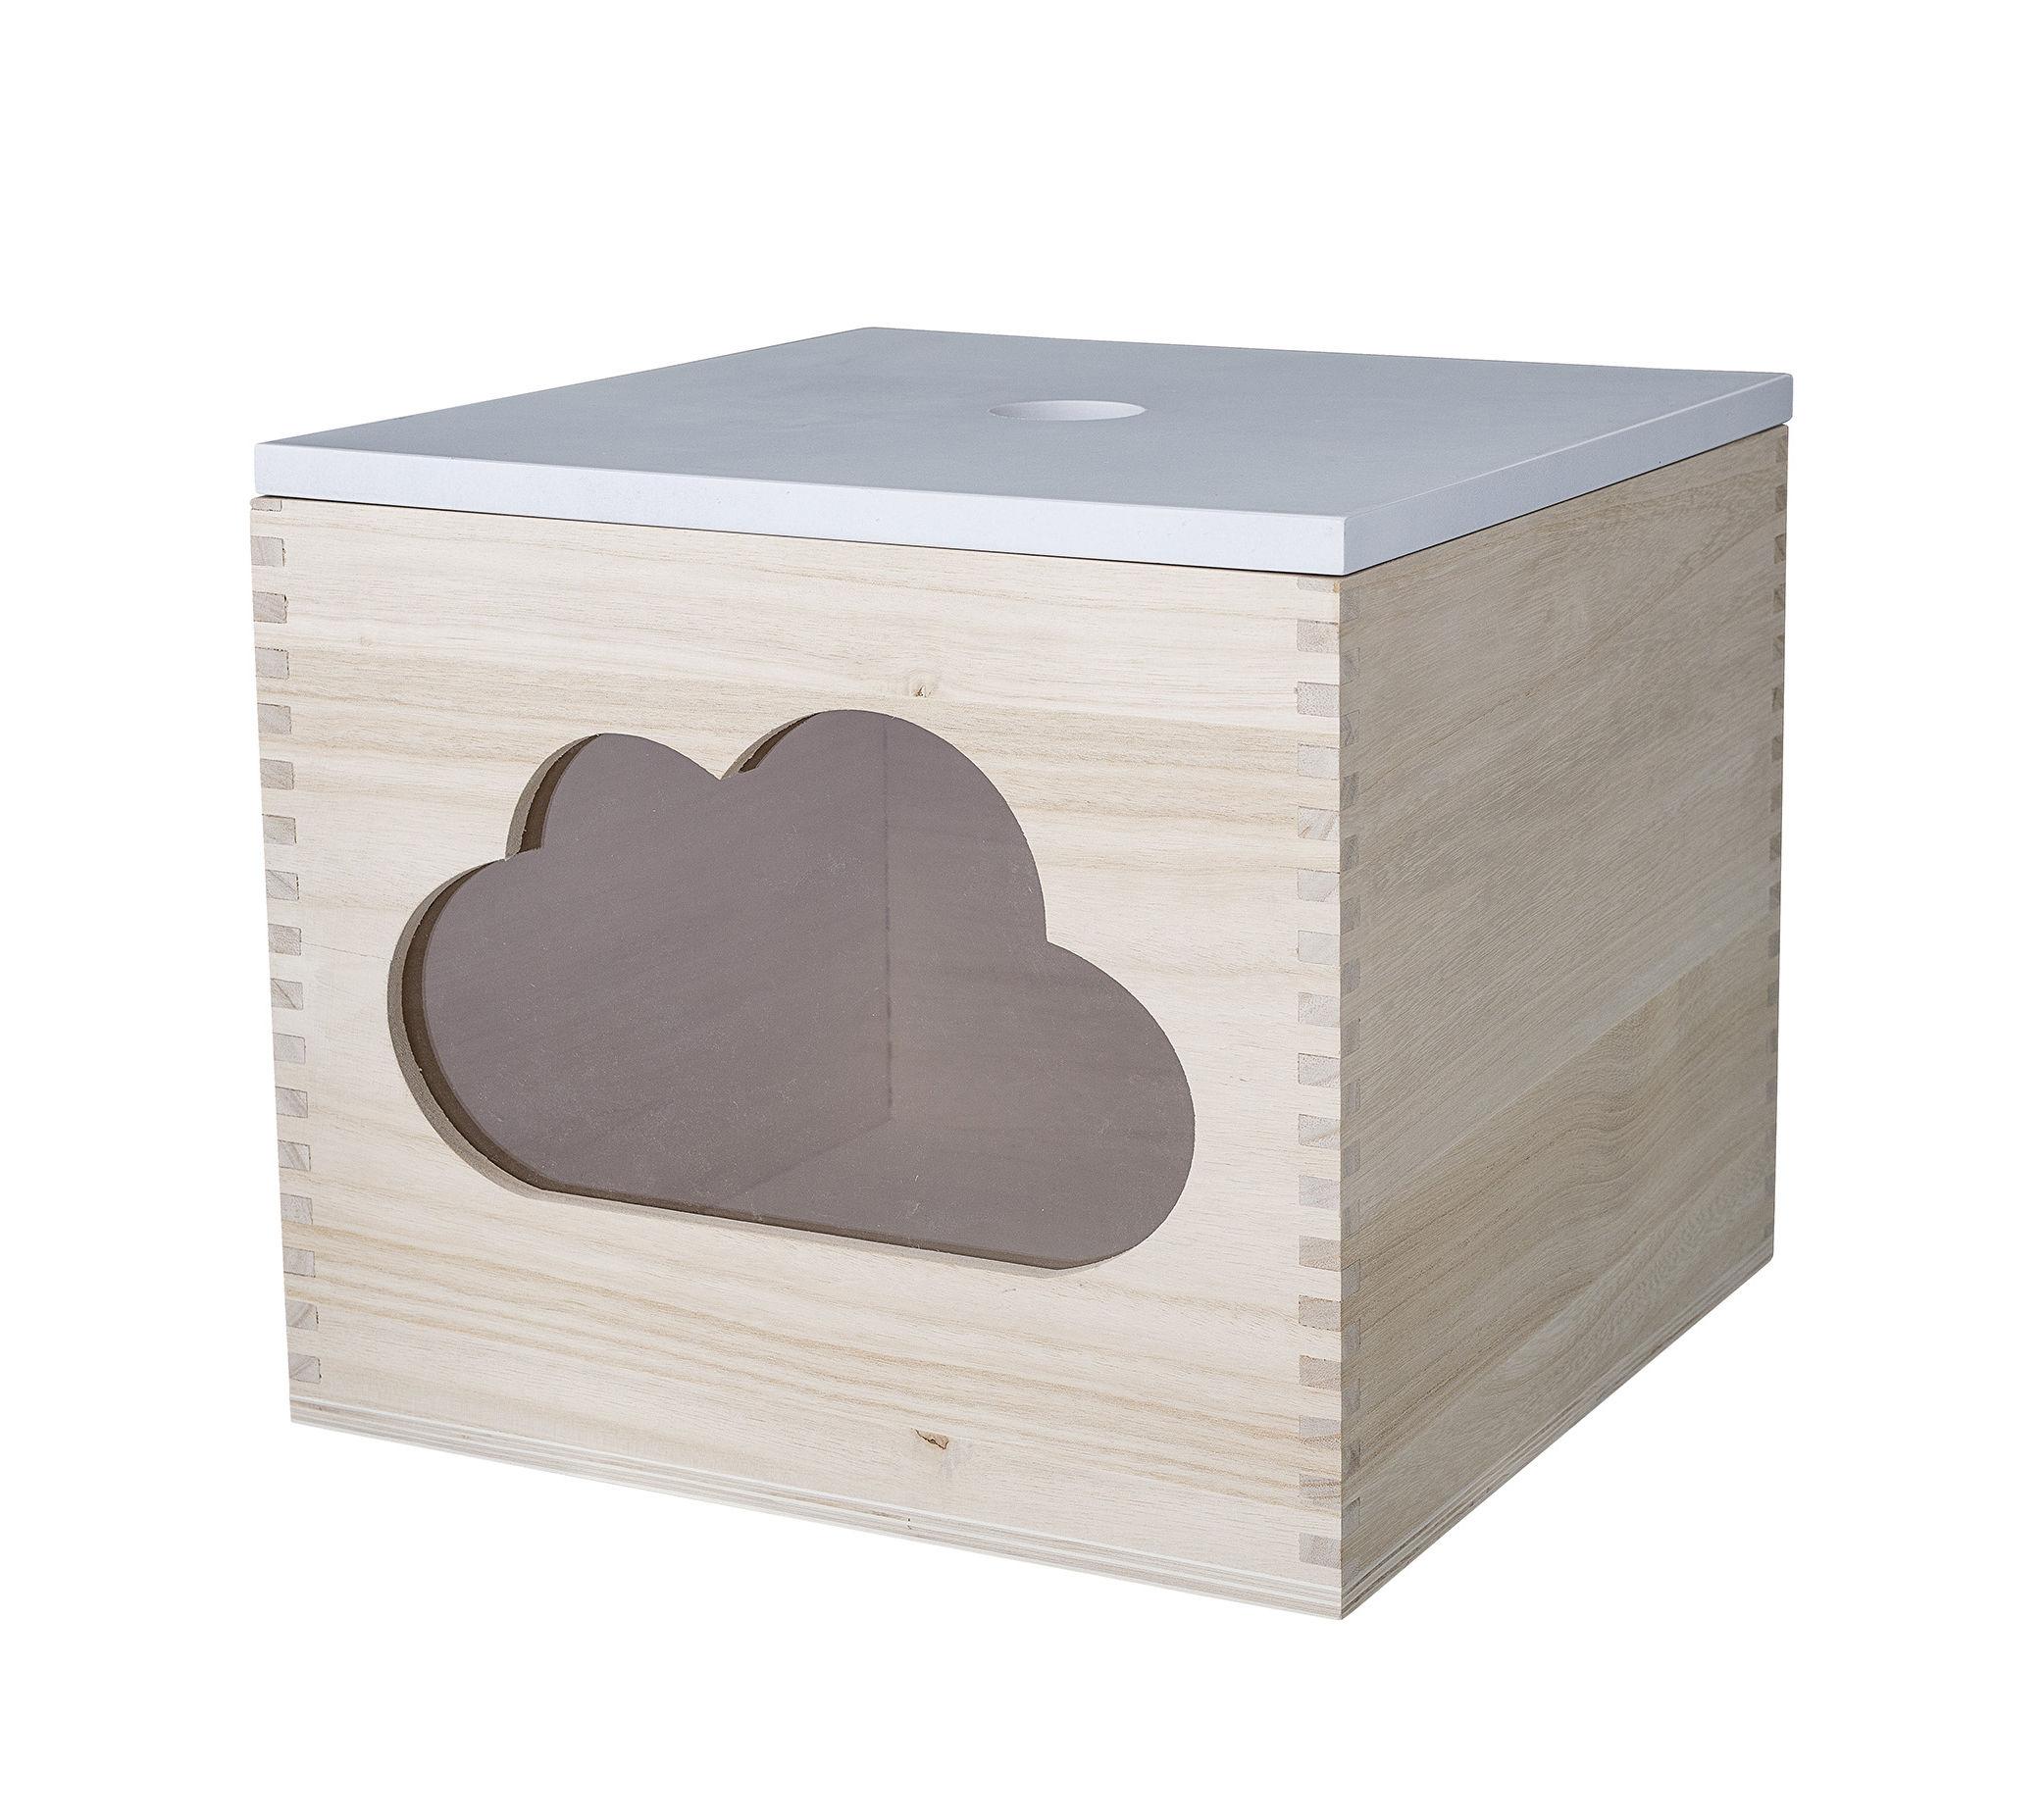 Déco - Pour les enfants - Boîte Nuage / avec couvercle - Bloomingville - Blanc / Bois naturel / Nuage - Bois de paulownia